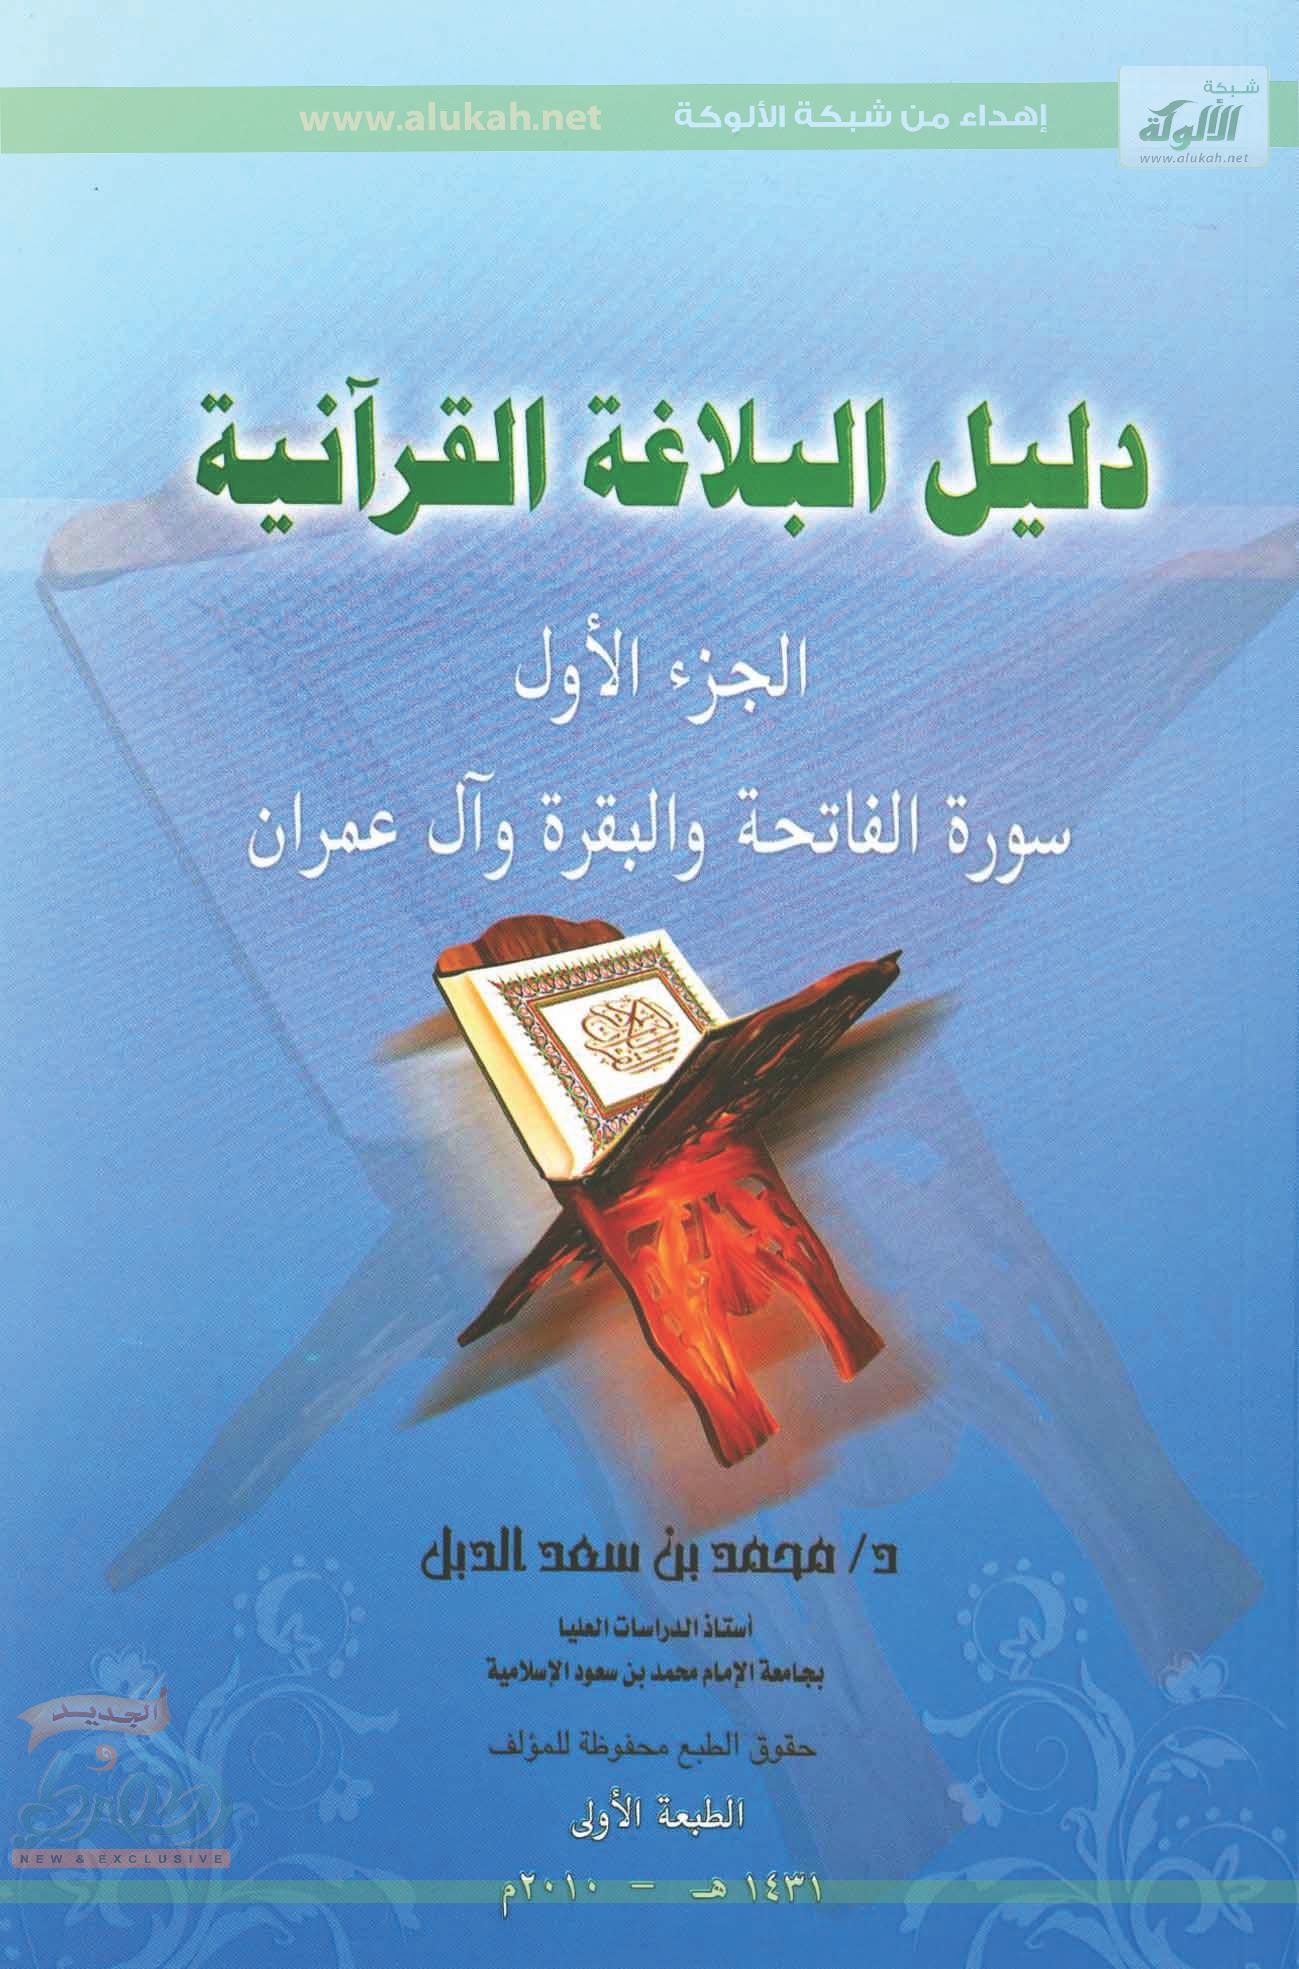 تحميل كتاب دليل البلاغة القرآنية (الجزء الأول: سورة الفاتحة والبقرة وآل عمران) لـِ: الدكتور محمد بن سعد بن حسن الدبل (ت 1434)